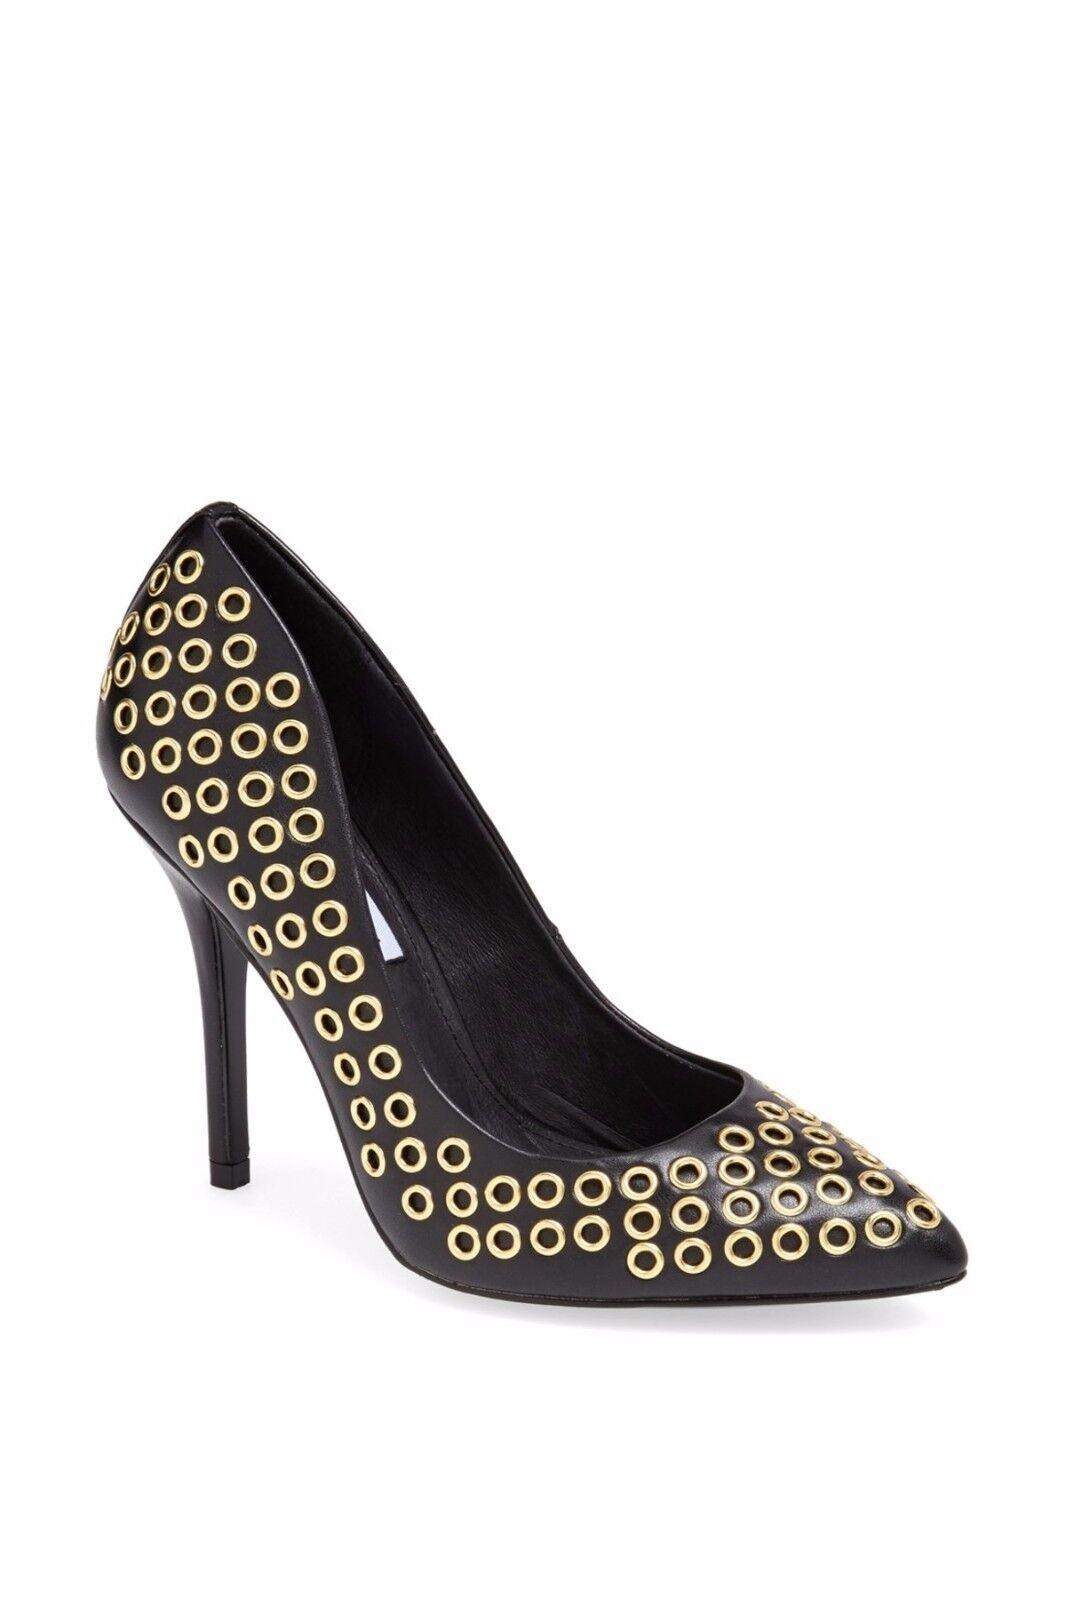 Nuevo Nuevo Nuevo Steve Madden Grommit Bomba Para Mujeres Zapatos  comprar descuentos